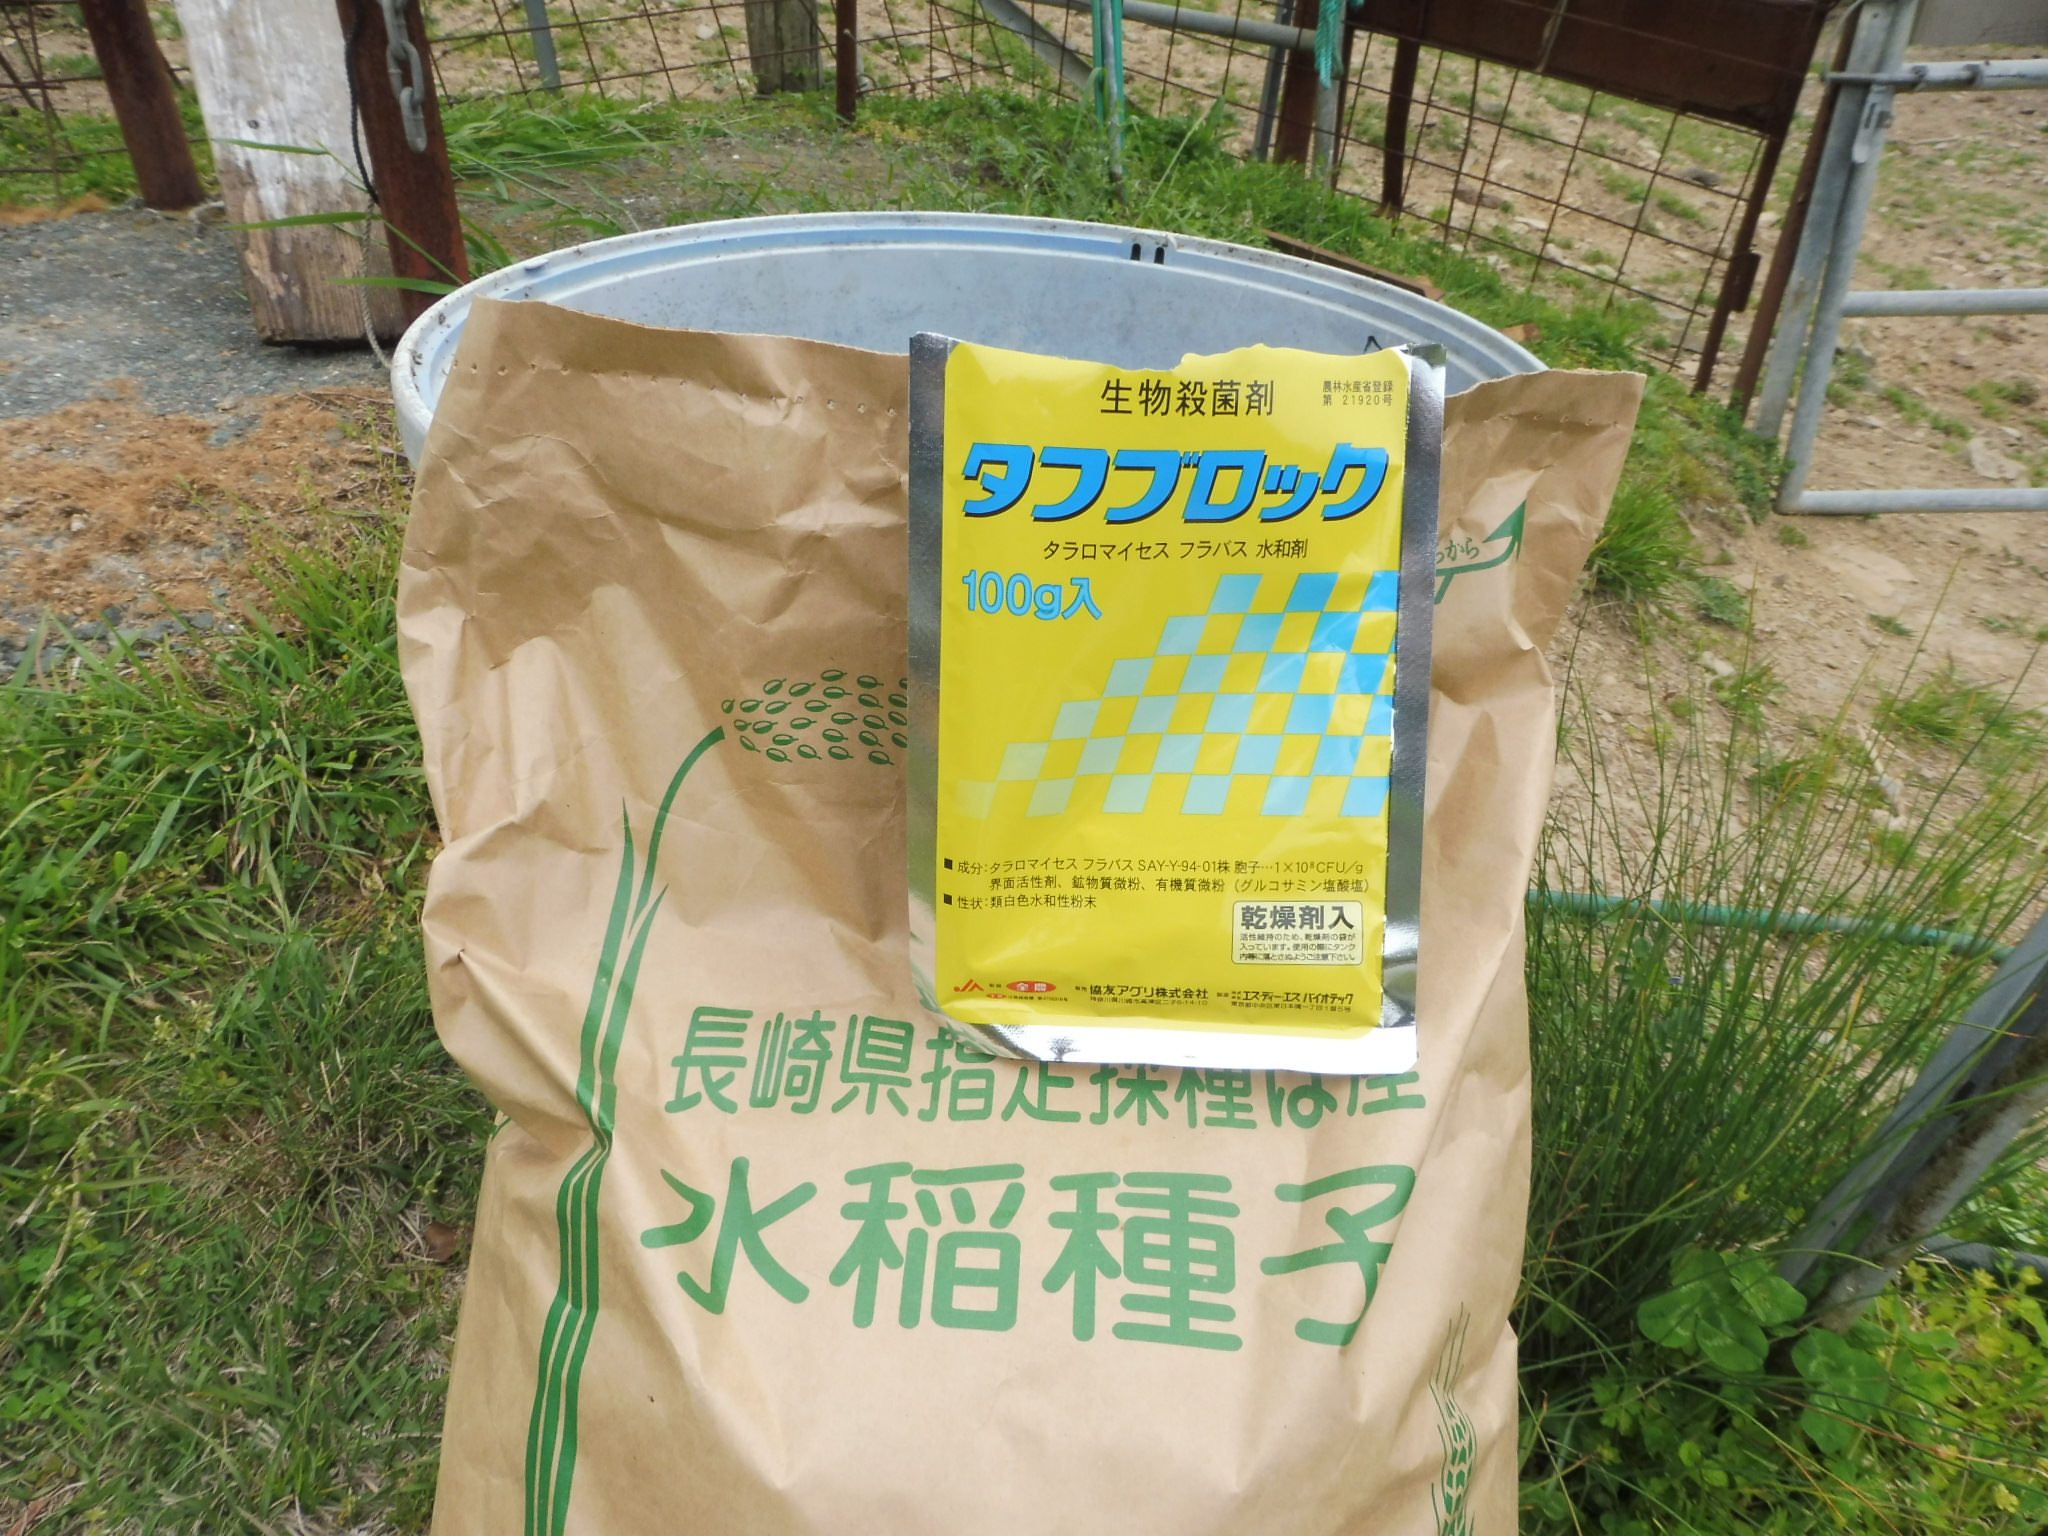 私たちは種子消毒に生物殺菌剤のタフブロックを使用しています。有用糸状菌(タラロマイセス フラバス)を有効成分とする微生物防除剤です。